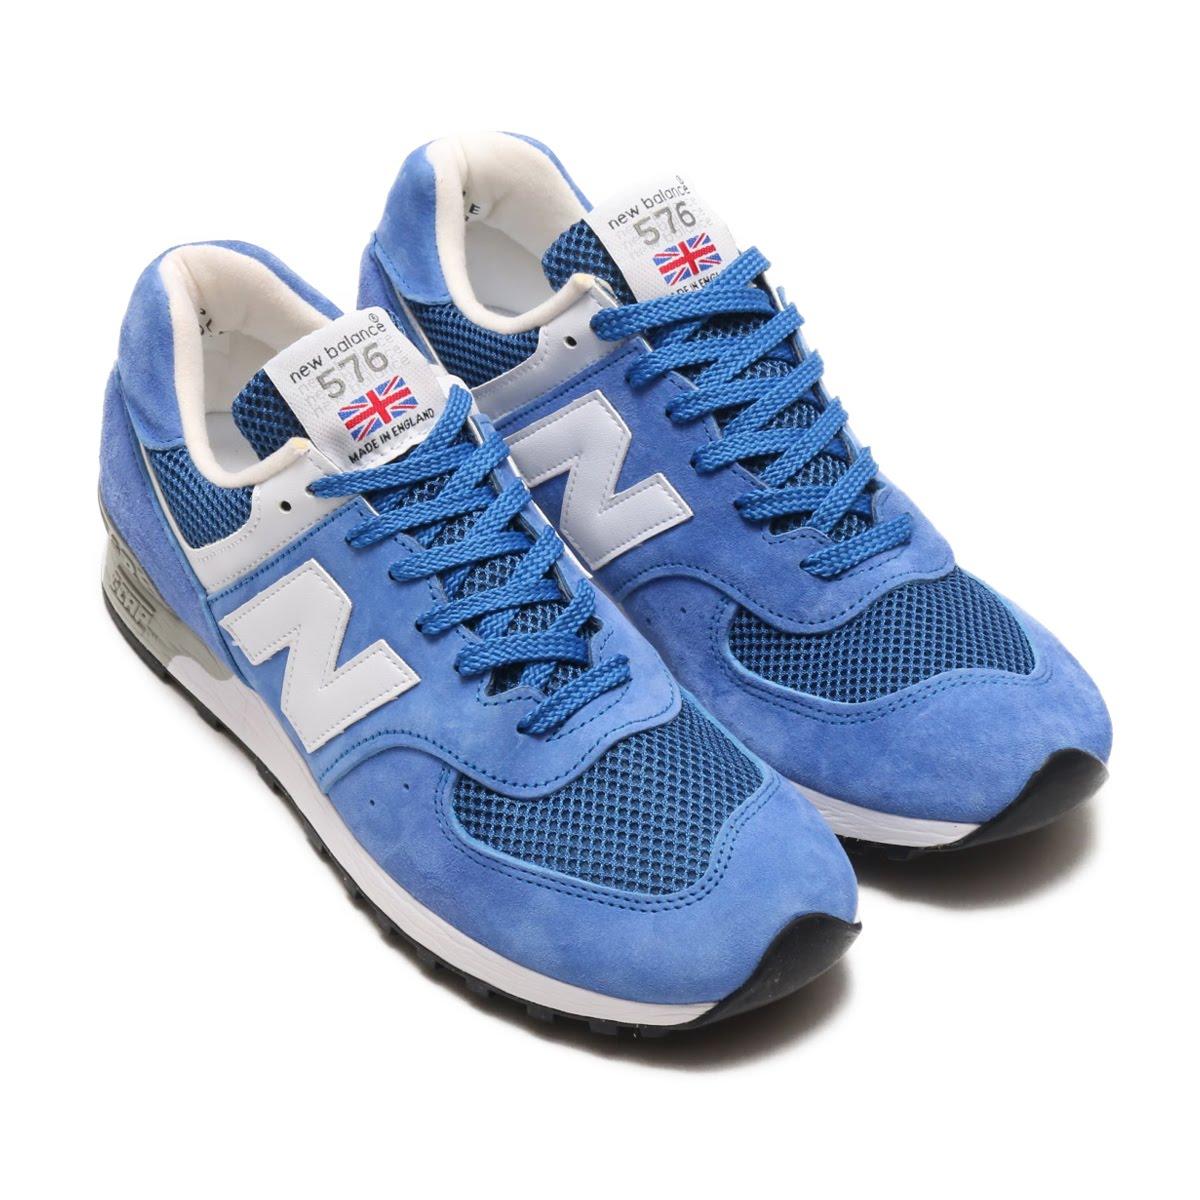 89969688e285e Balance New M576BBB(ニューバランス スニーカー】18SP-I M576BBB)BLUE/WHITE【メンズ-スニーカー